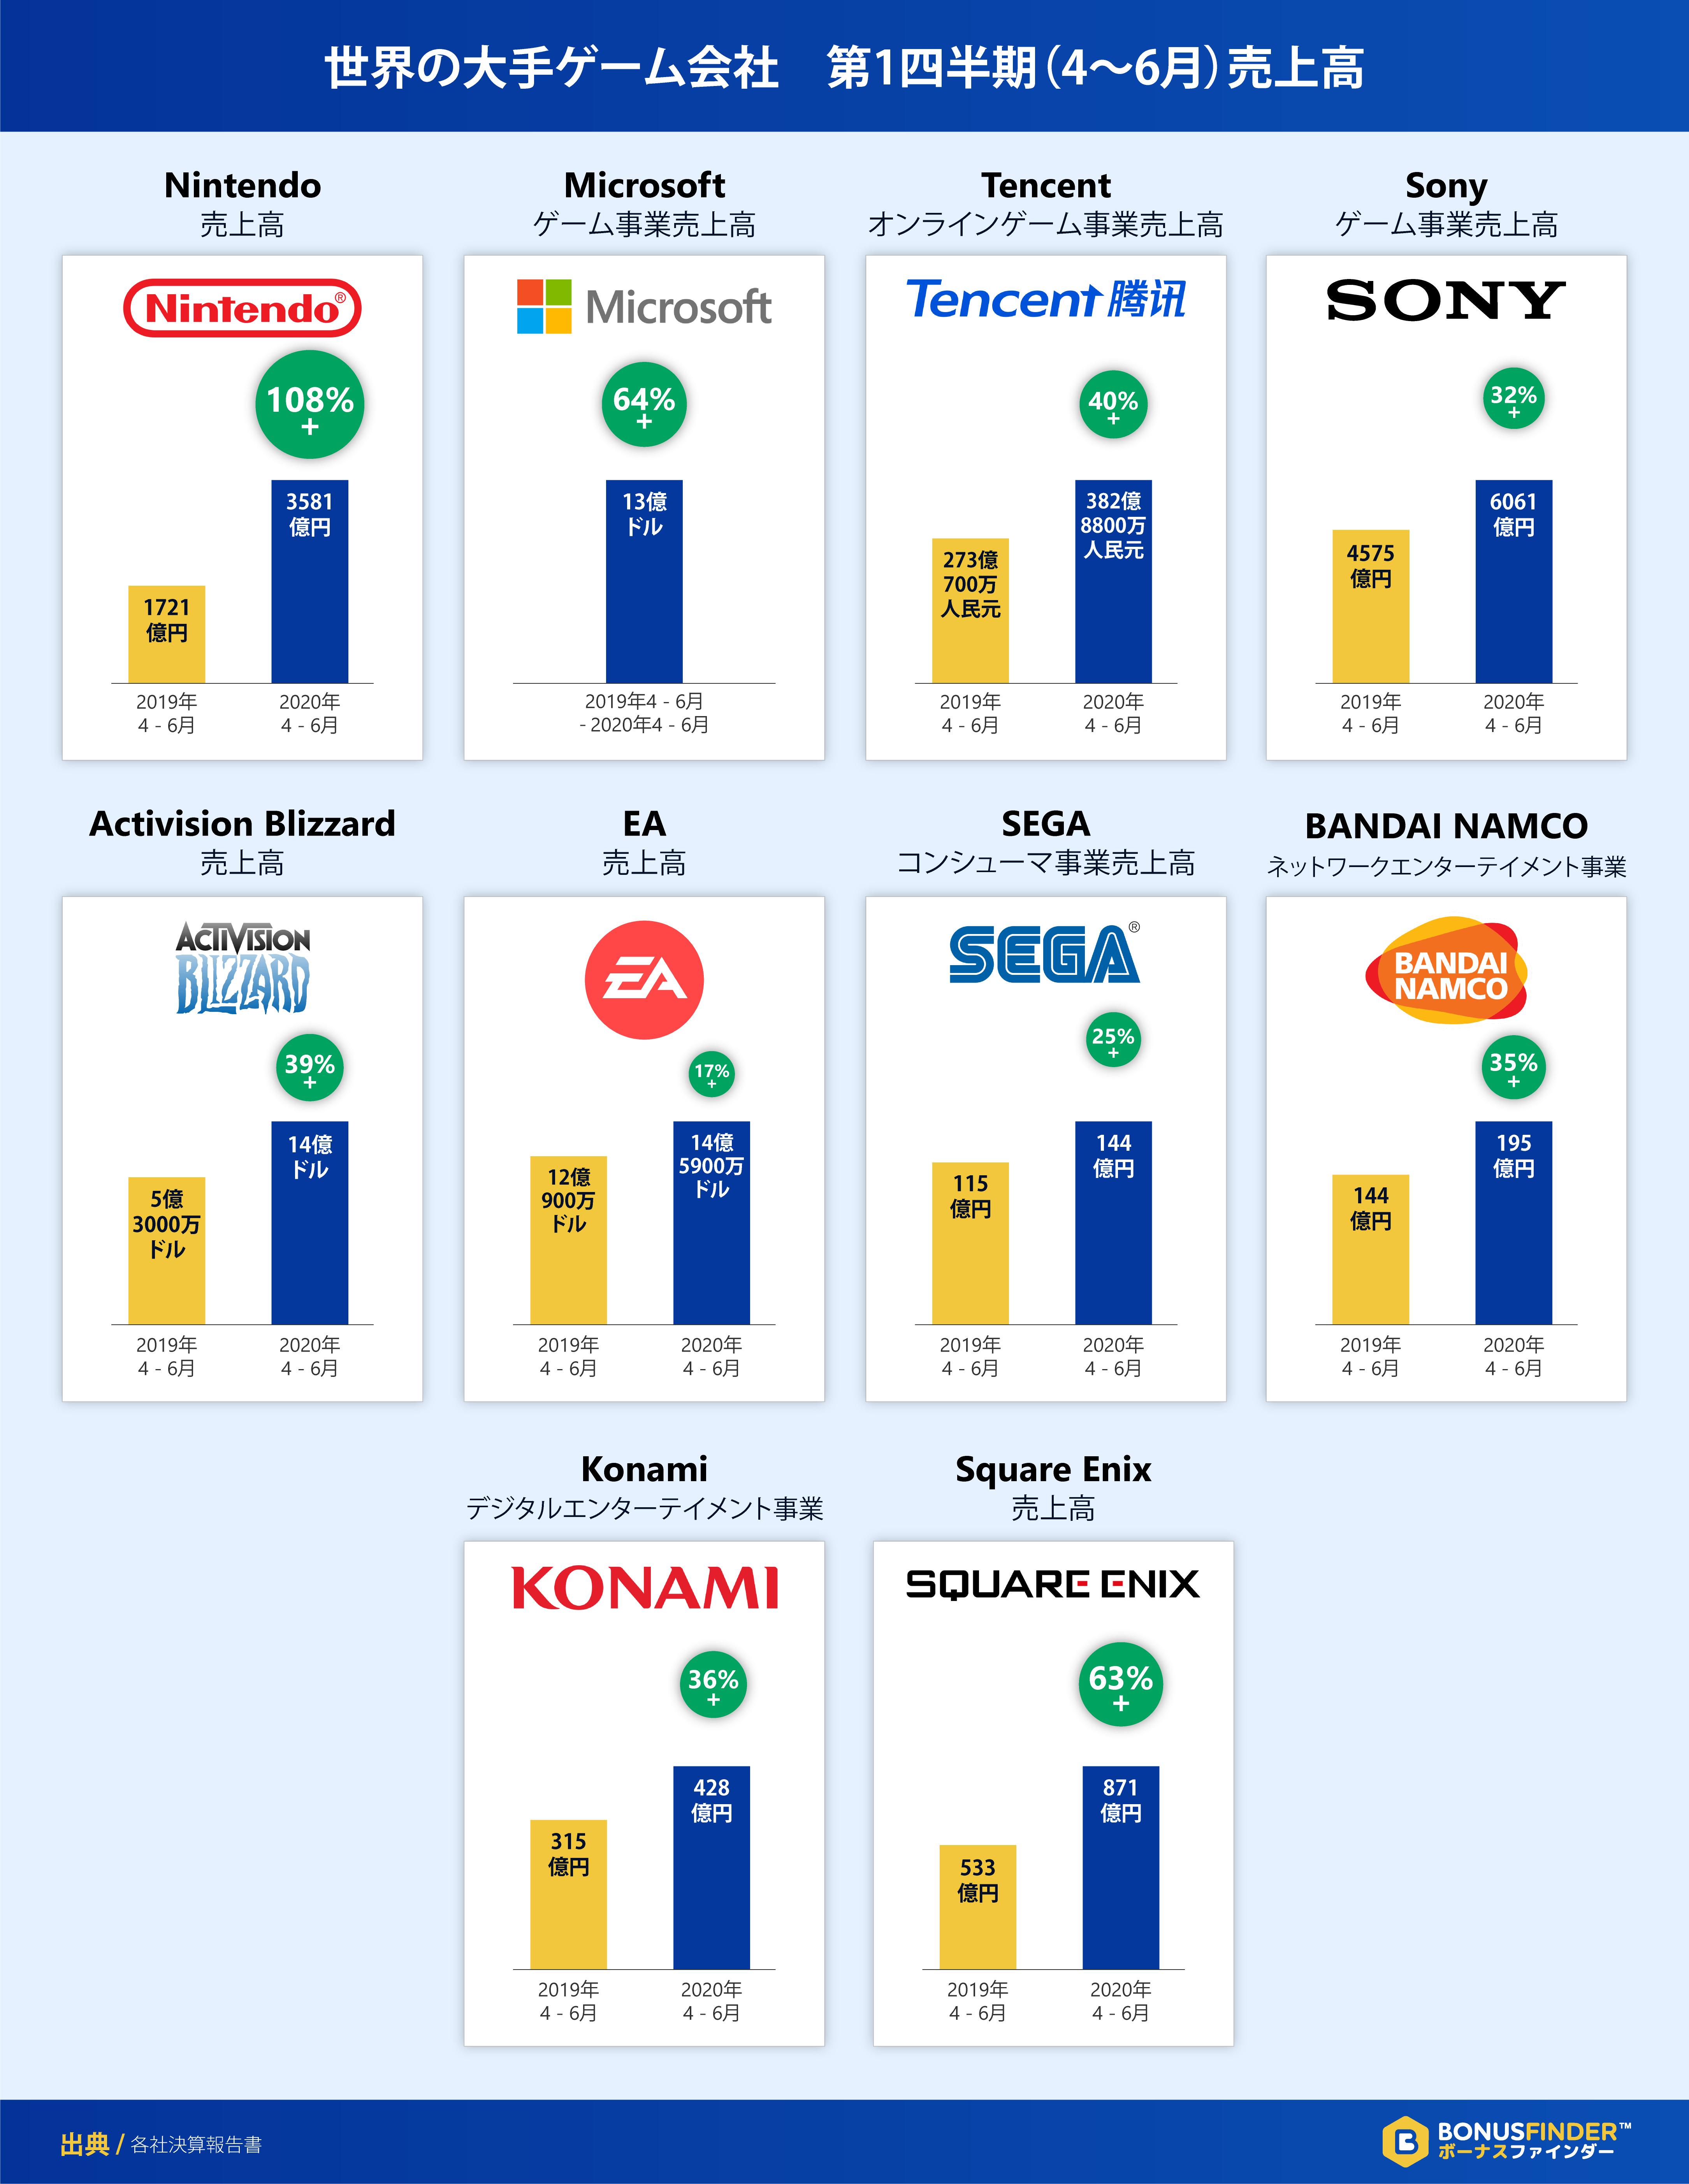 世界の大手ゲーム会社 第1四半期売上高(4〜6月)